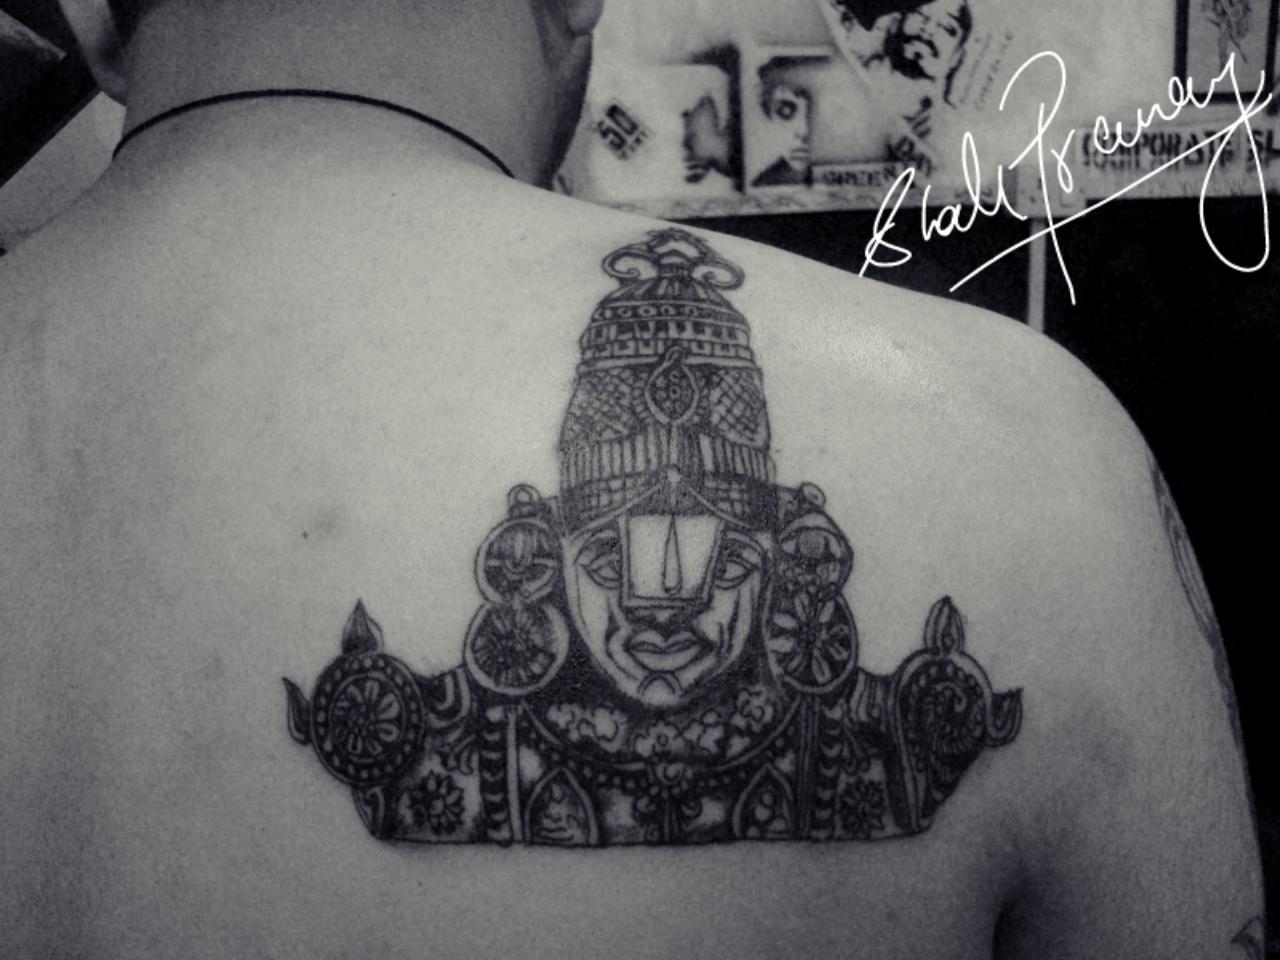 Pin on Religious tattoos